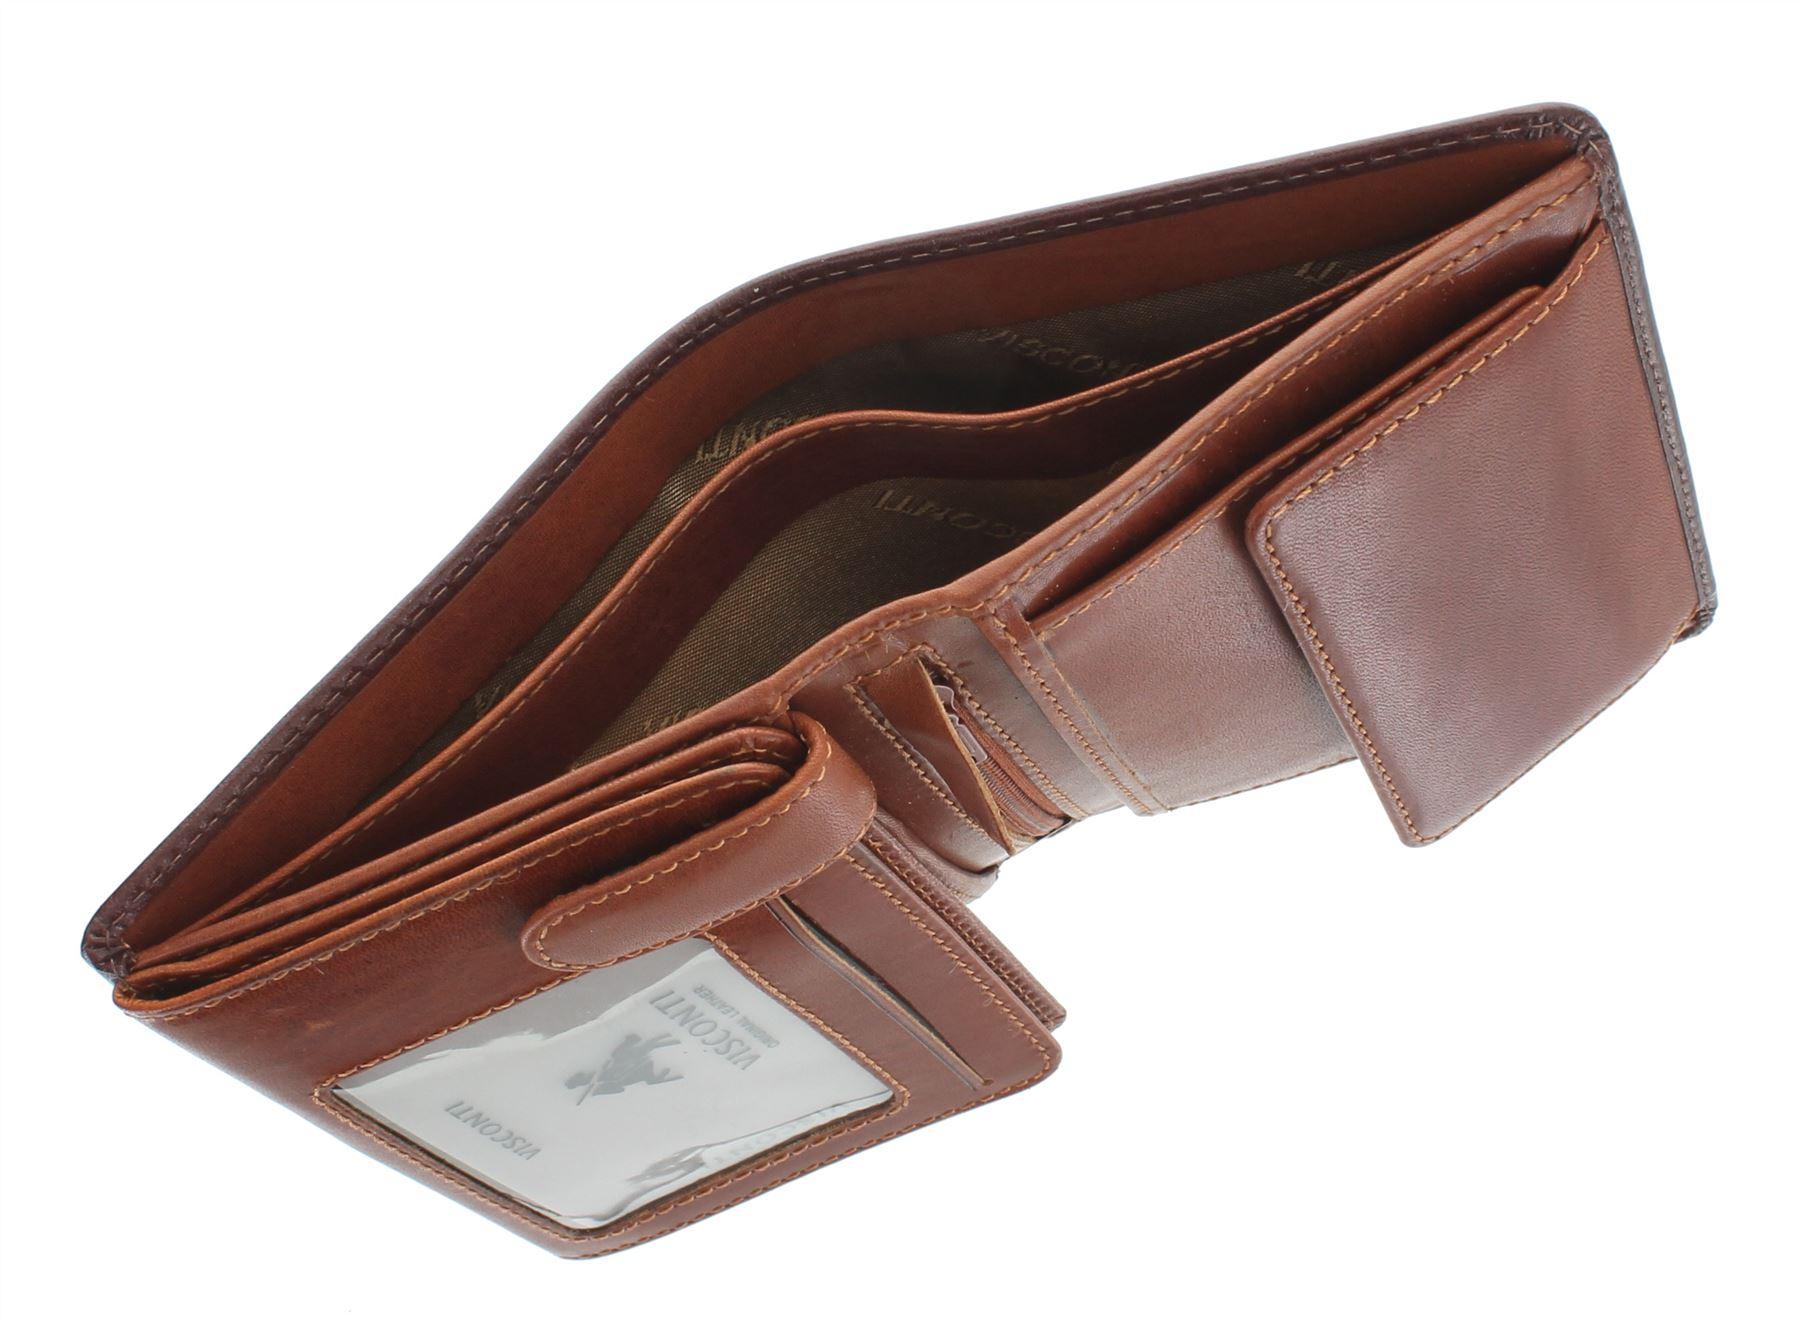 Visconti Torino COLLEZIONE WALDORF Pelle a concia vegetale Bi-Fold Wallet TR34